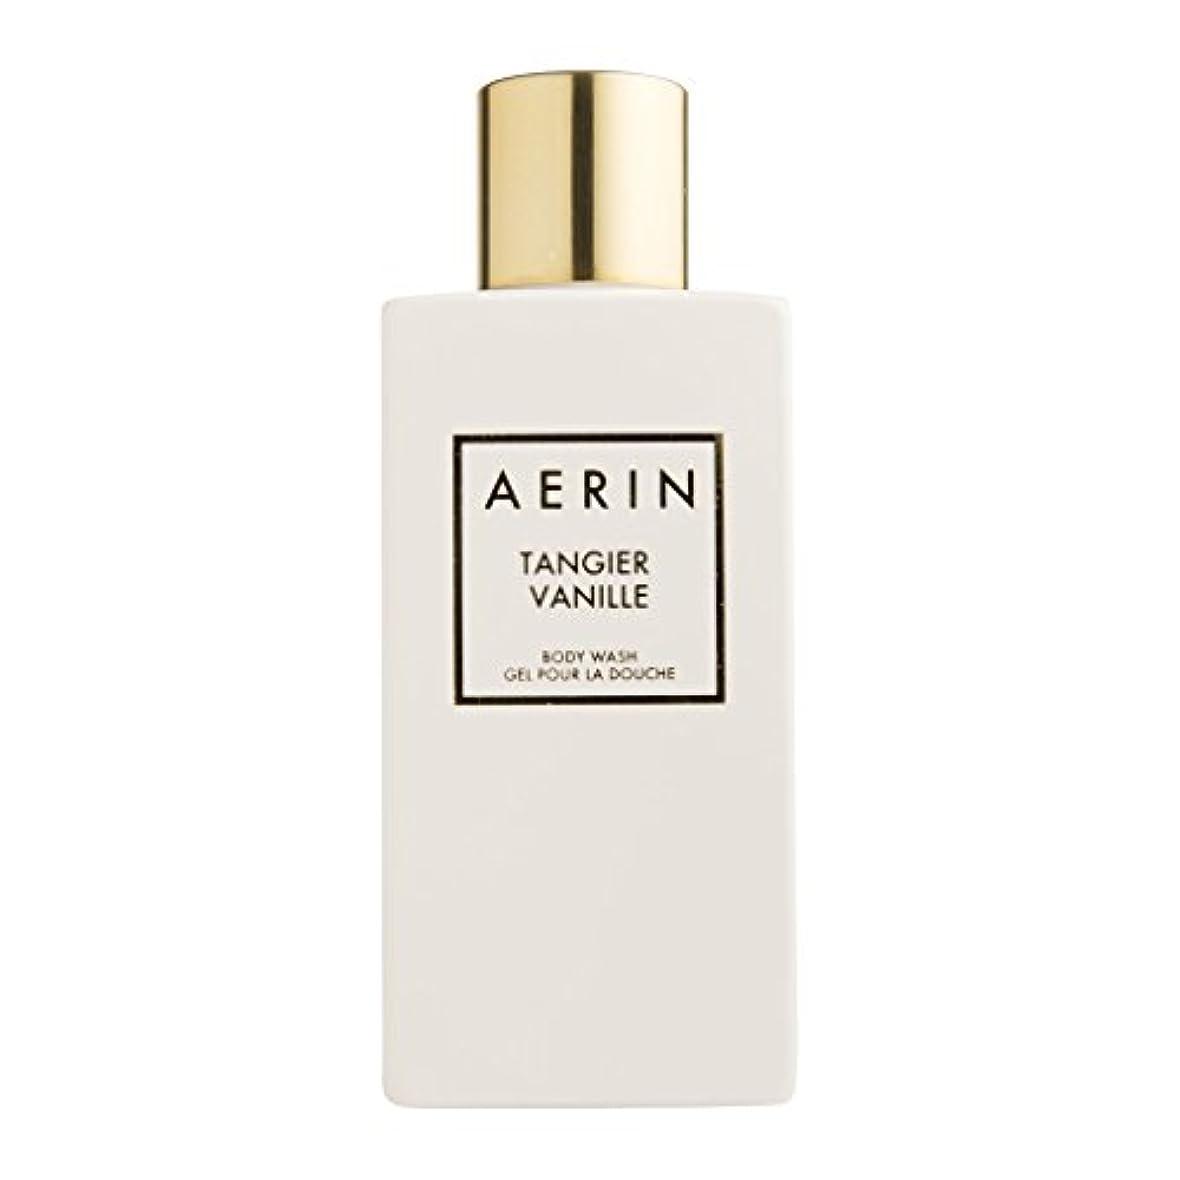 達成細い天文学AERIN Tangier Vanille (アエリン タンジヤー バニール) 7.6 oz (228ml) Body Wash ボディーウオッシュ by Estee Lauder for Women